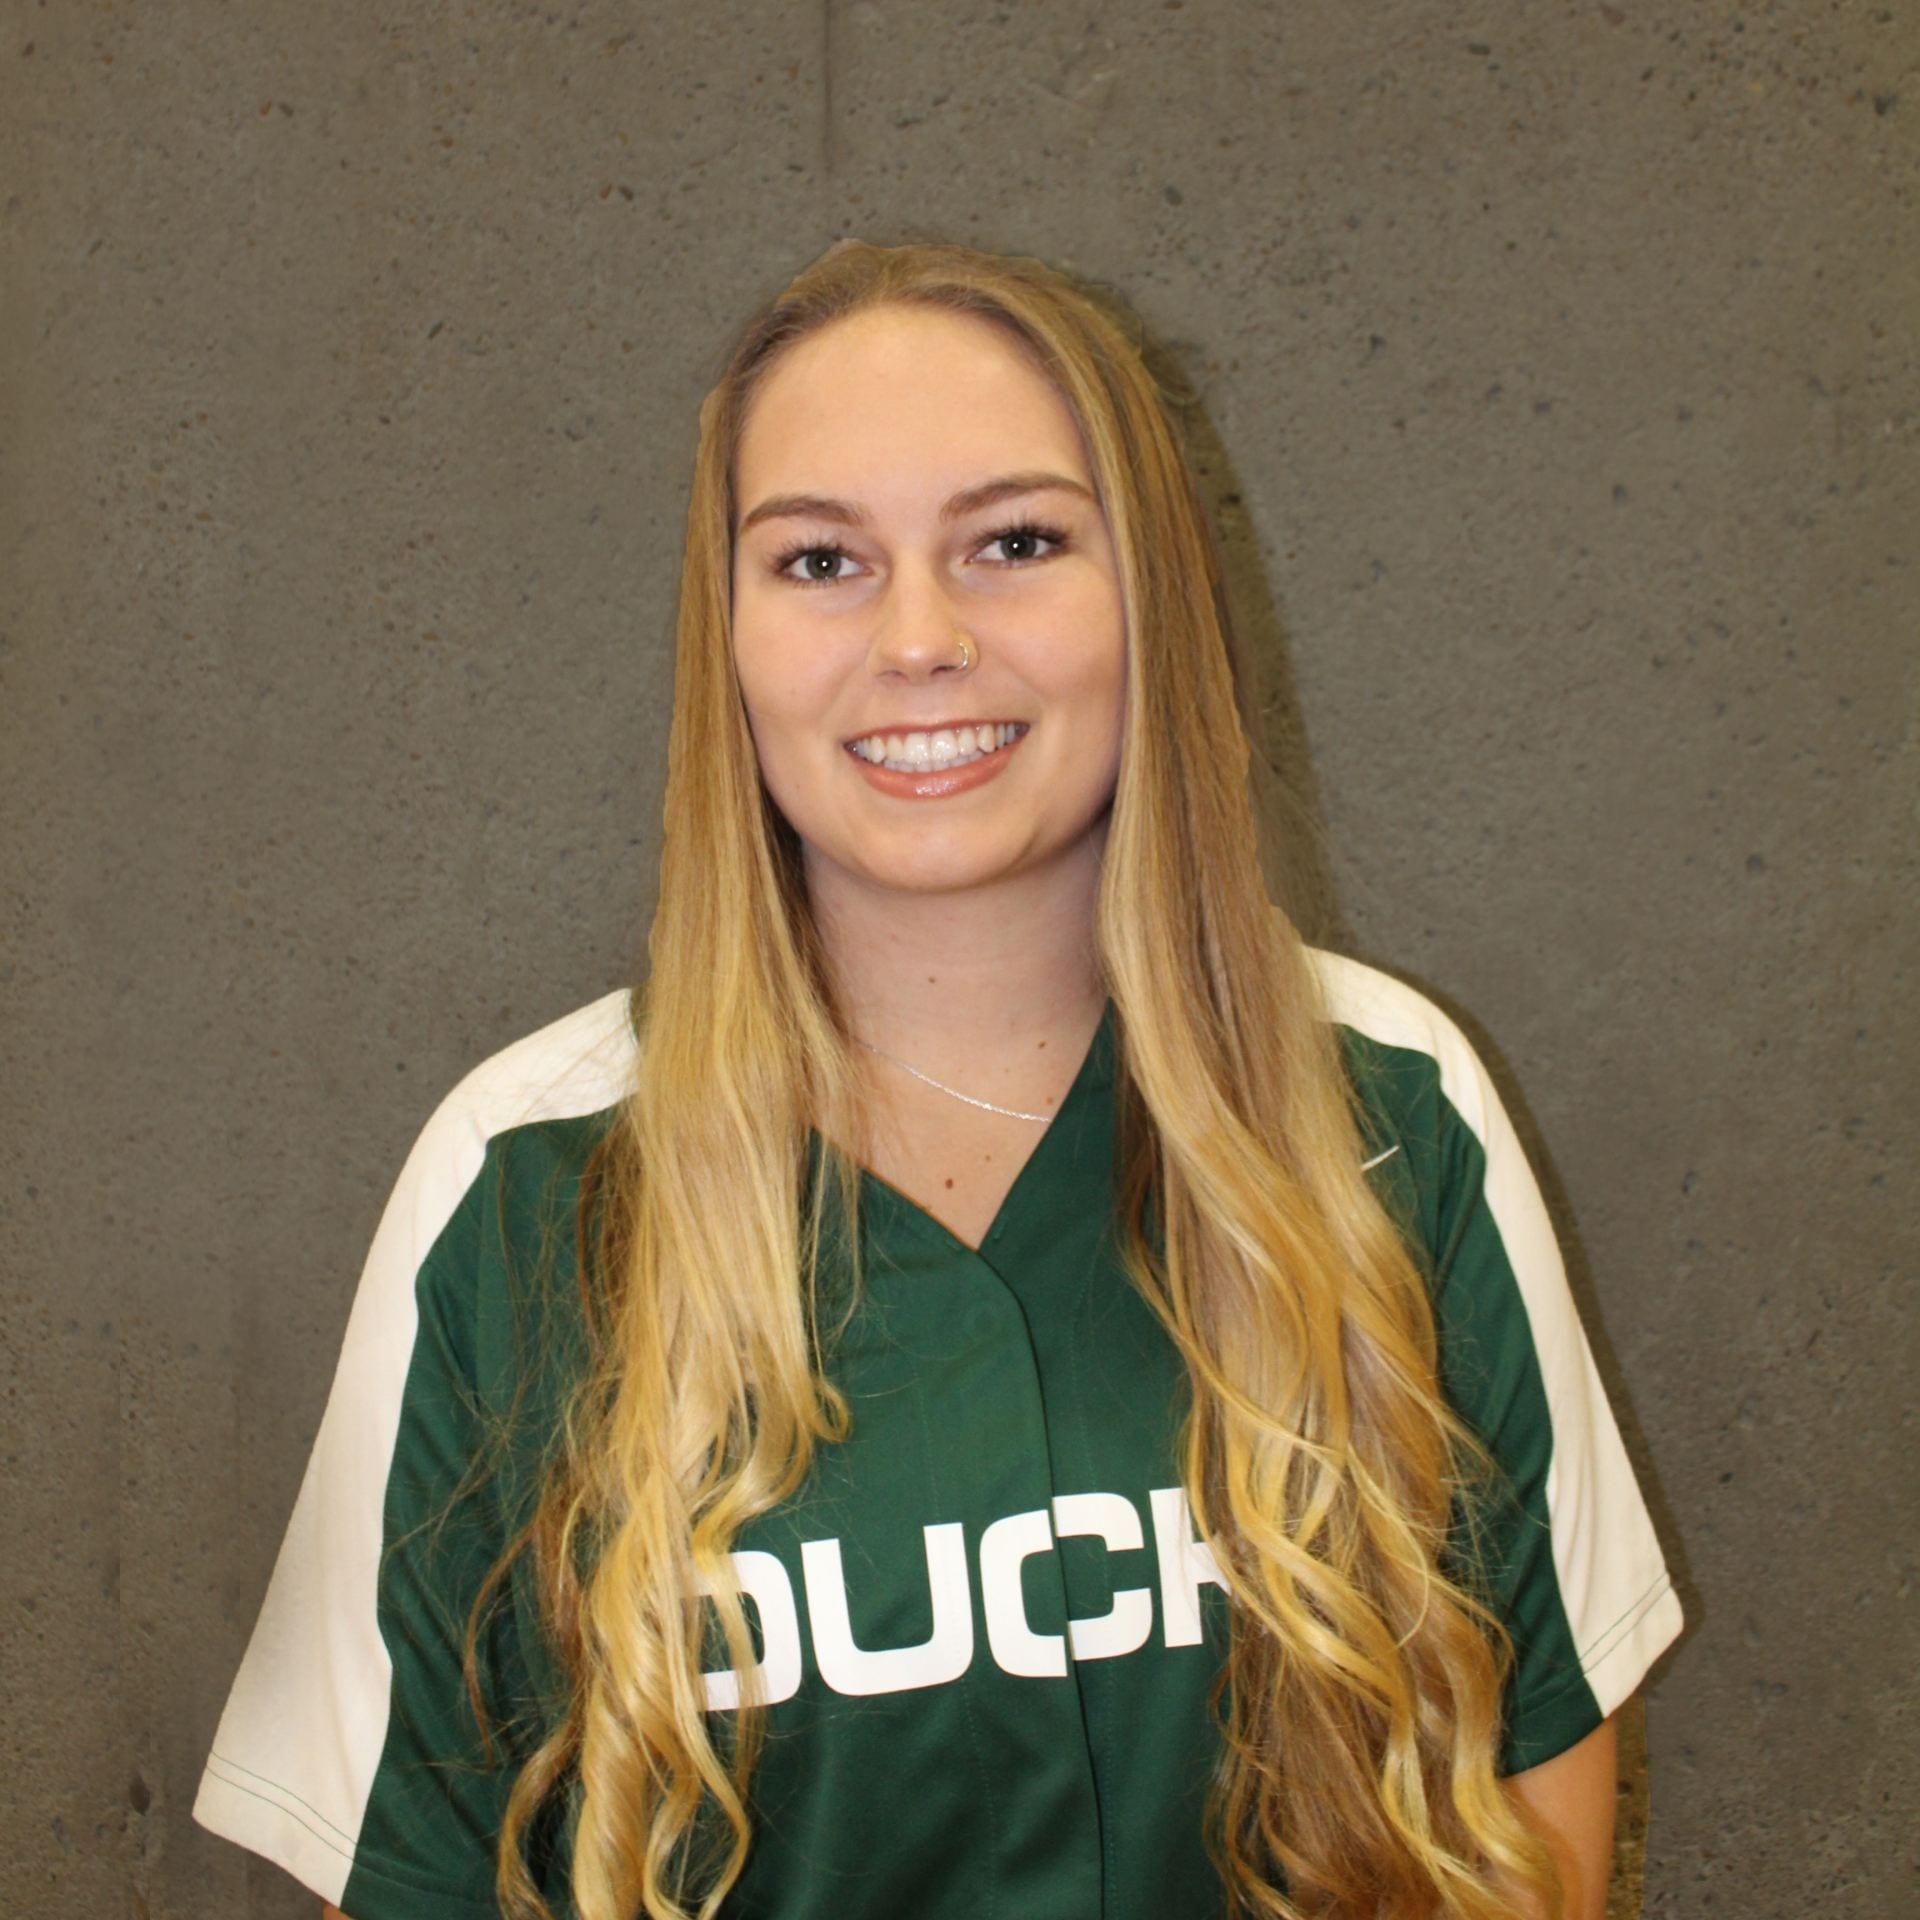 #11 Samantha Cassi